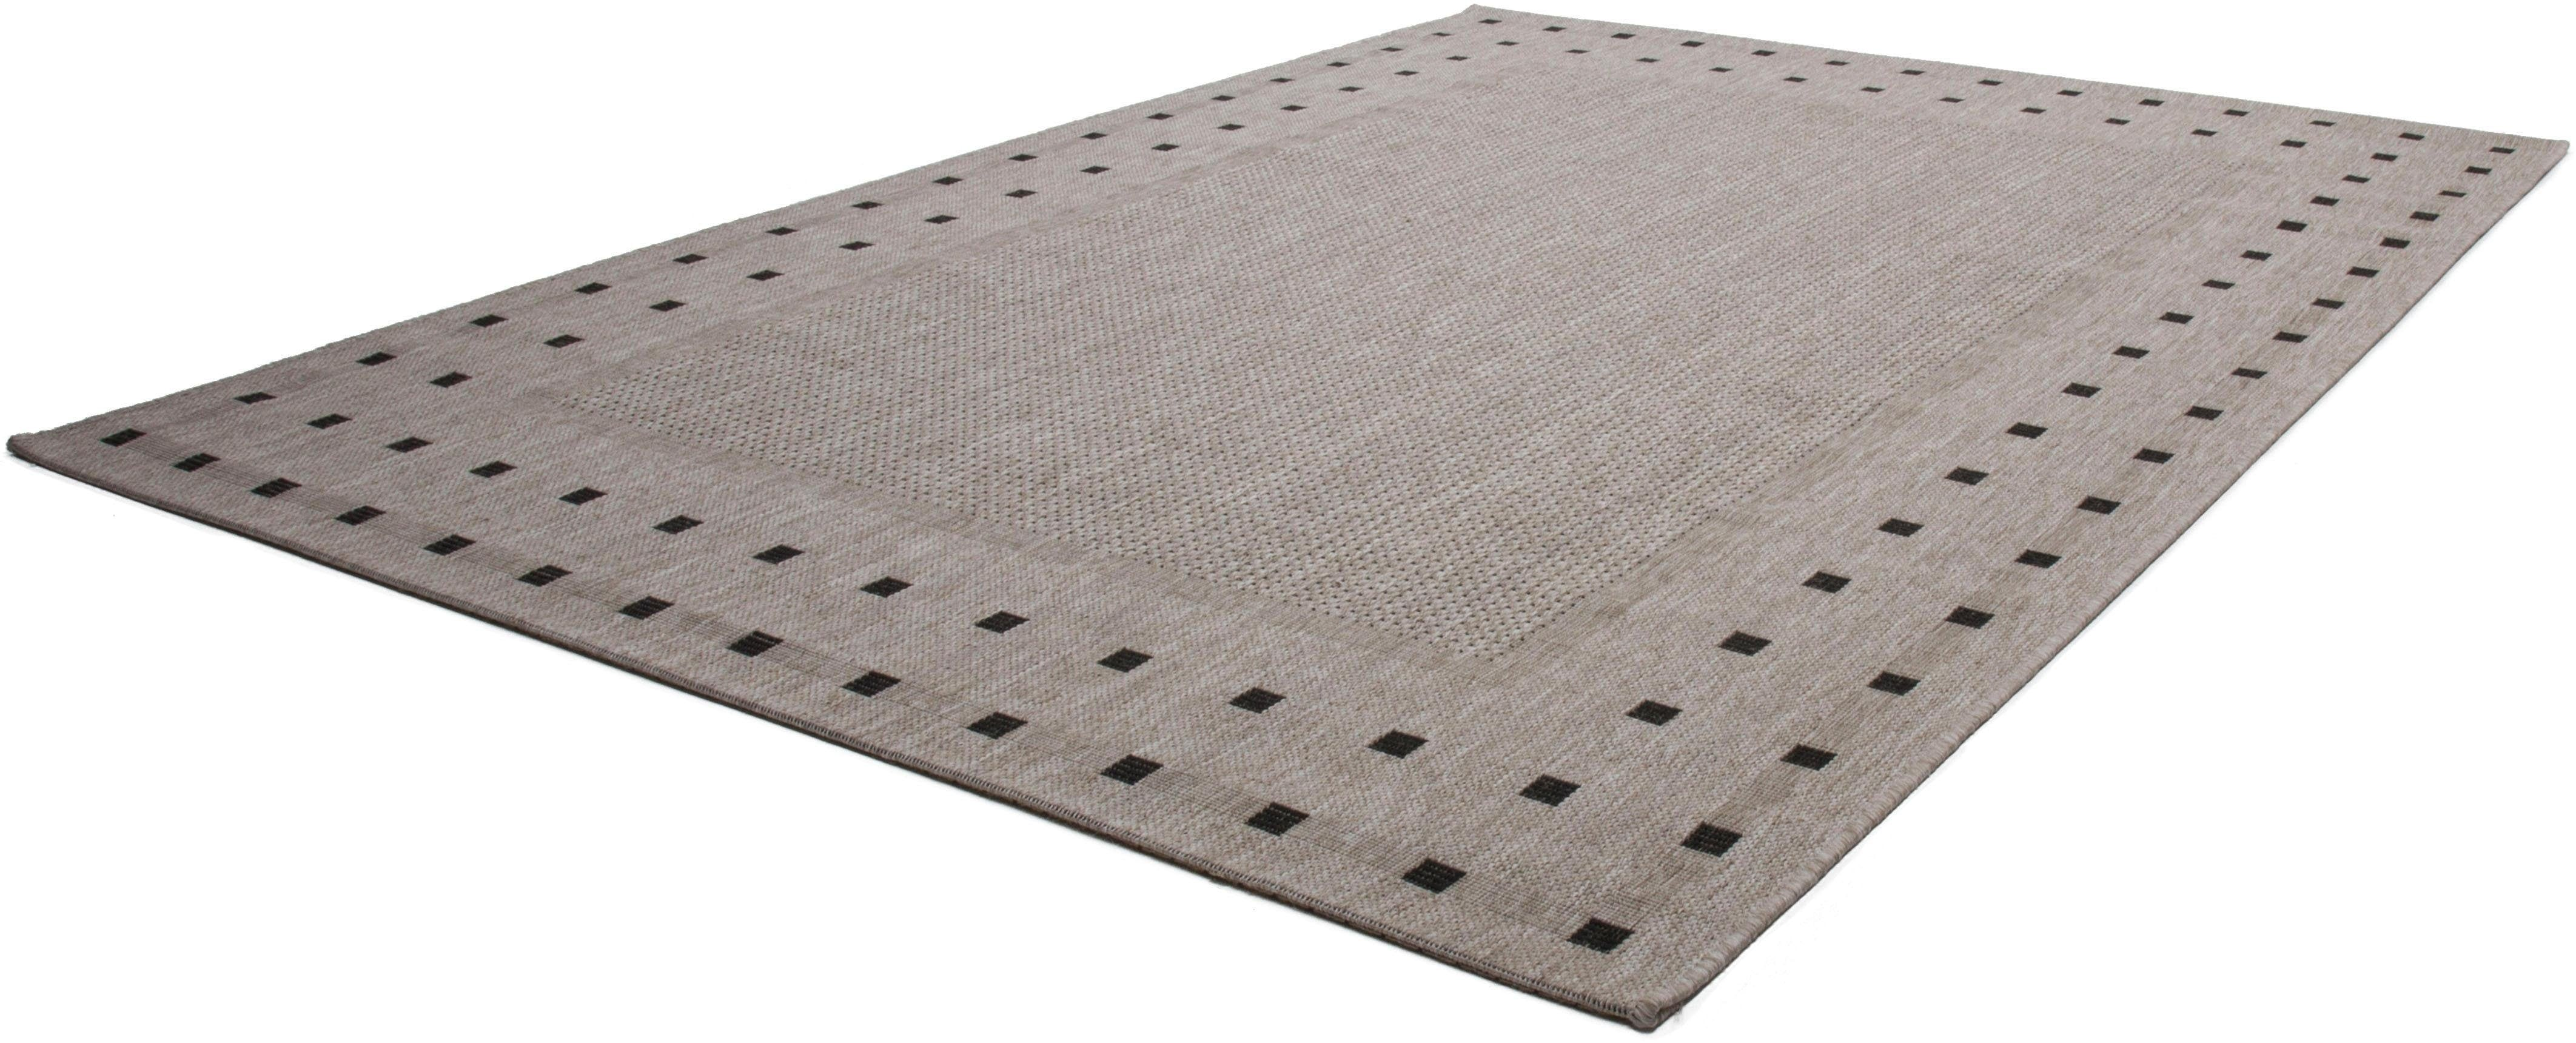 Teppich Trejo 720 calo-deluxe rechteckig Höhe 5 mm maschinell gewebt